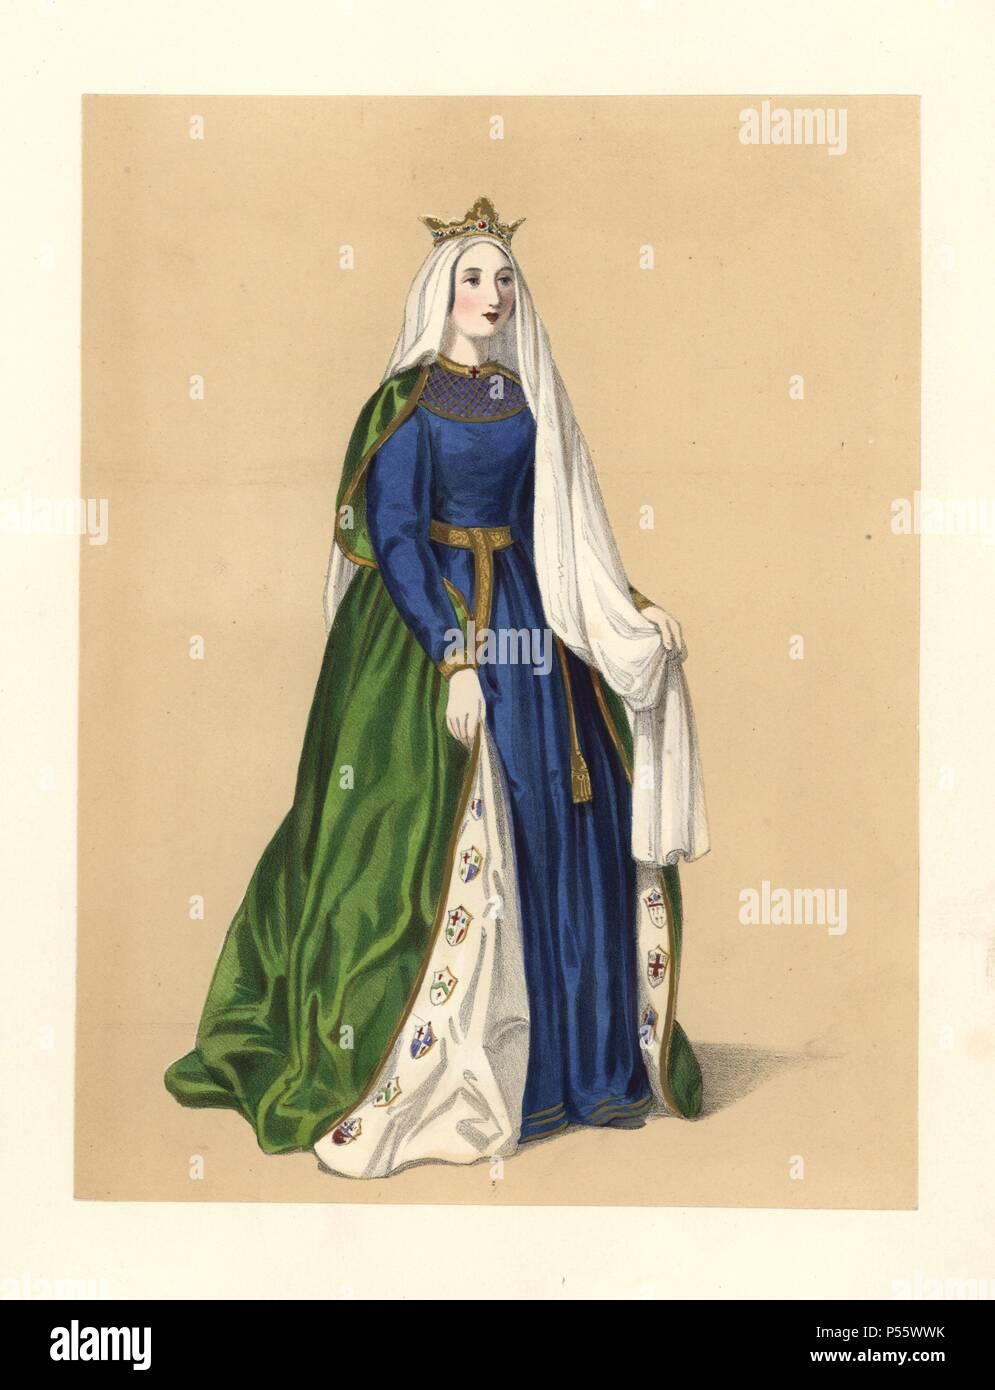 be69bfa5653d6 robe-du-regne-du-roi-richard-i-le-lion-11891199-elle -porte-un-manteau-vert-brode-avec-des-armoiries-dune-robe-bleue-long-voile-blanc-et-couronne- base-sur- ...